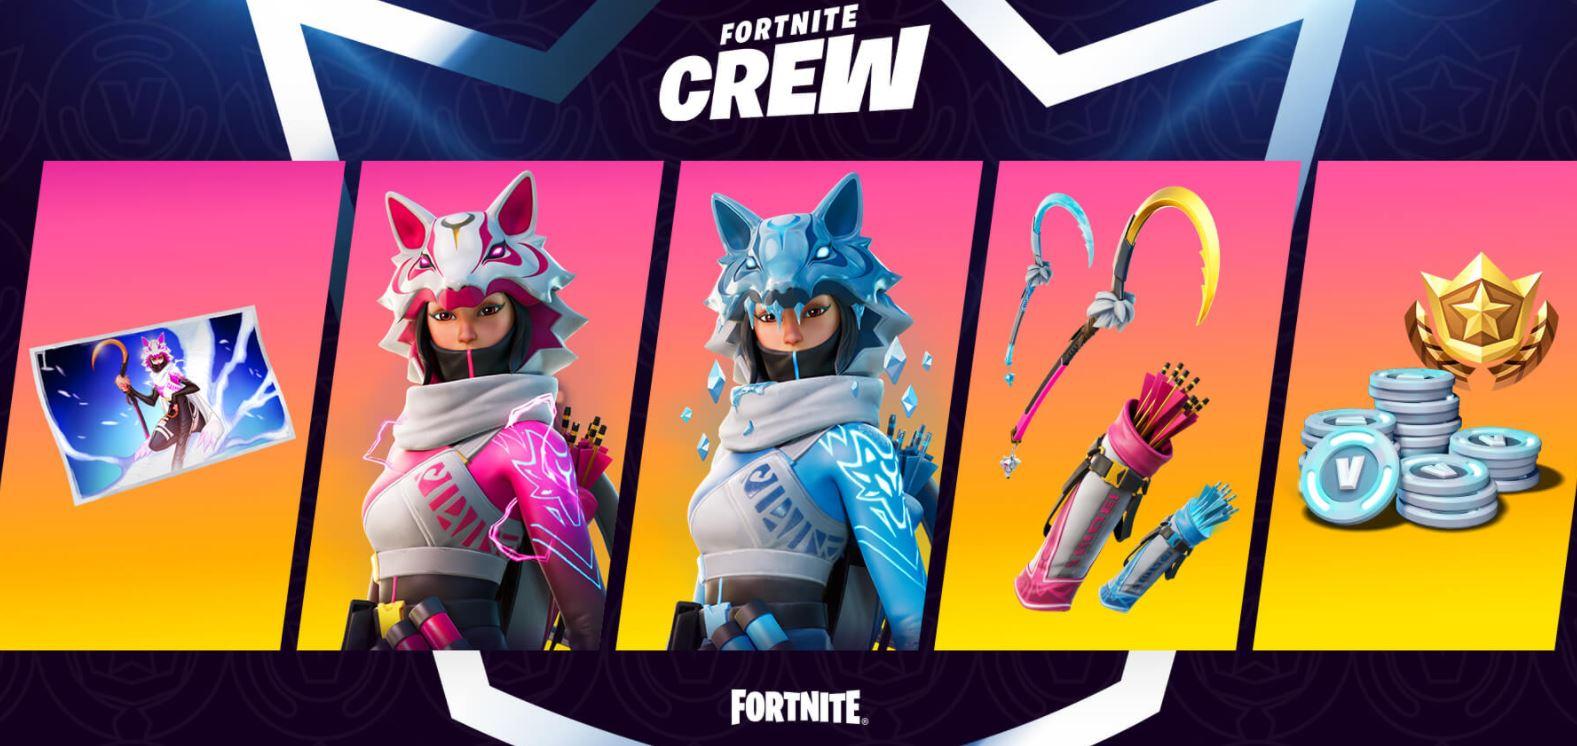 Diseño de Fortnite Crew February Vi